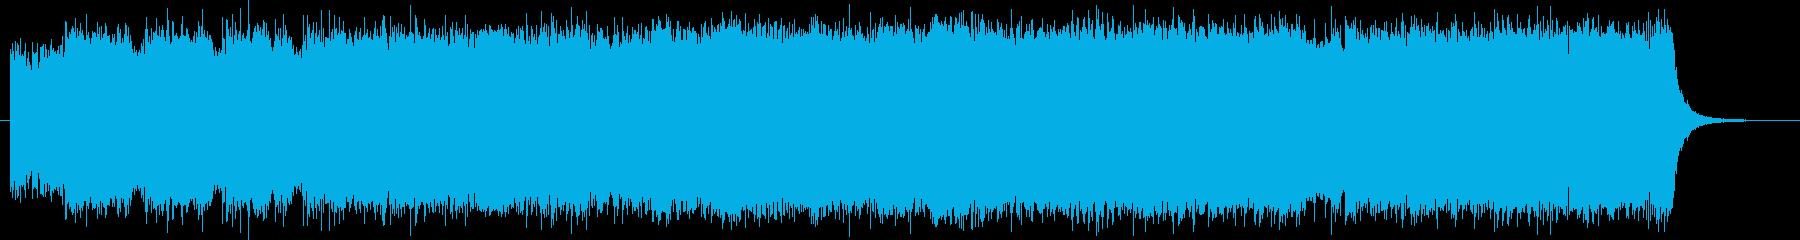 短縮verバンドサウンドの縦ノリなロックの再生済みの波形